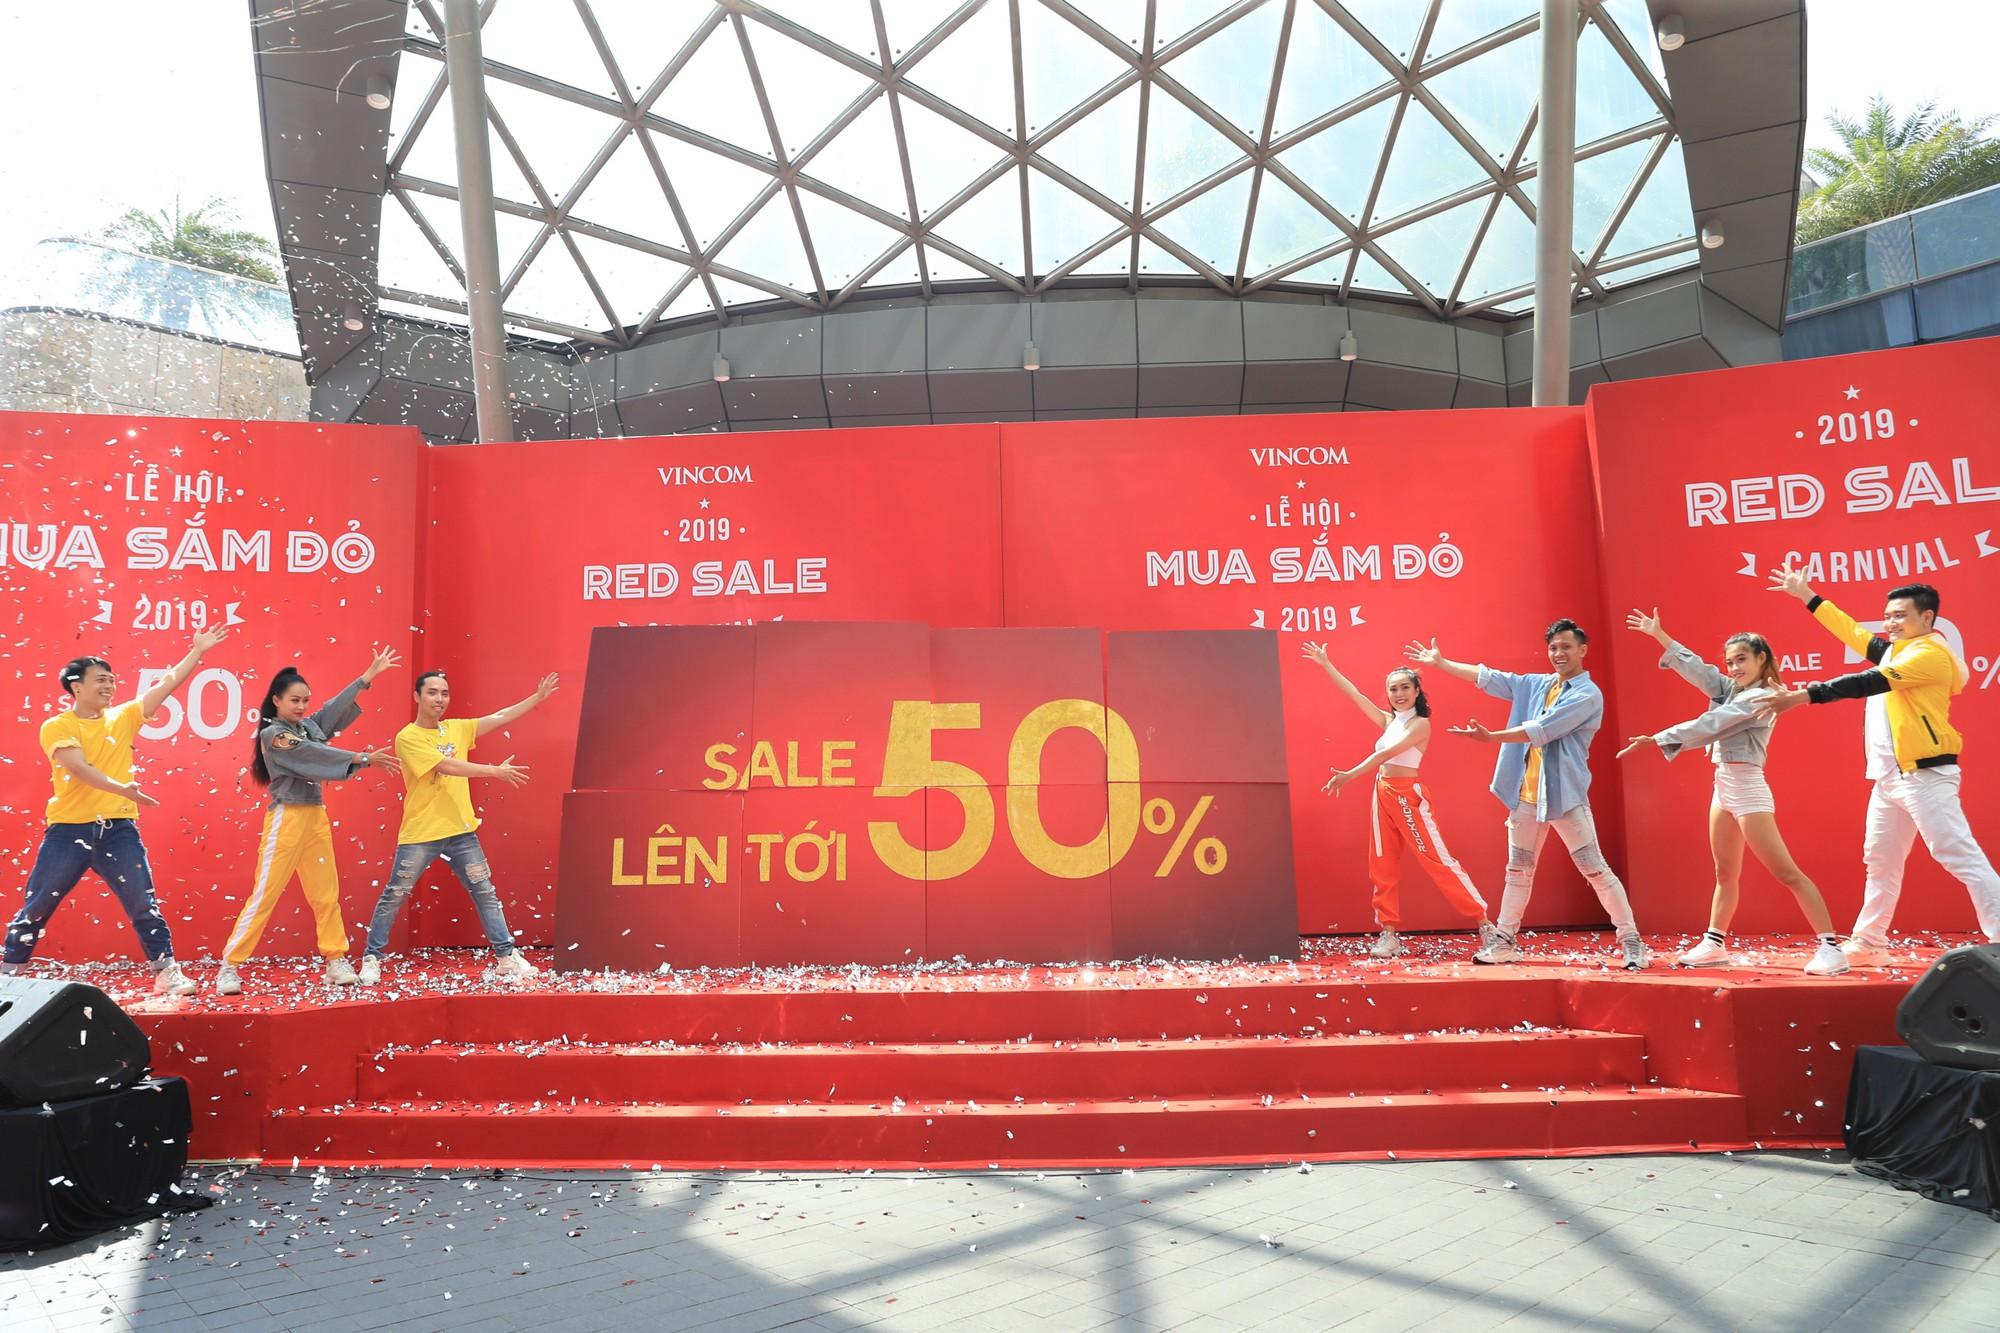 Noo Phước Thịnh điển trai, khuấy động lễ khai mạc Vincom Red Sale Carnival 2019 - Ảnh 7.